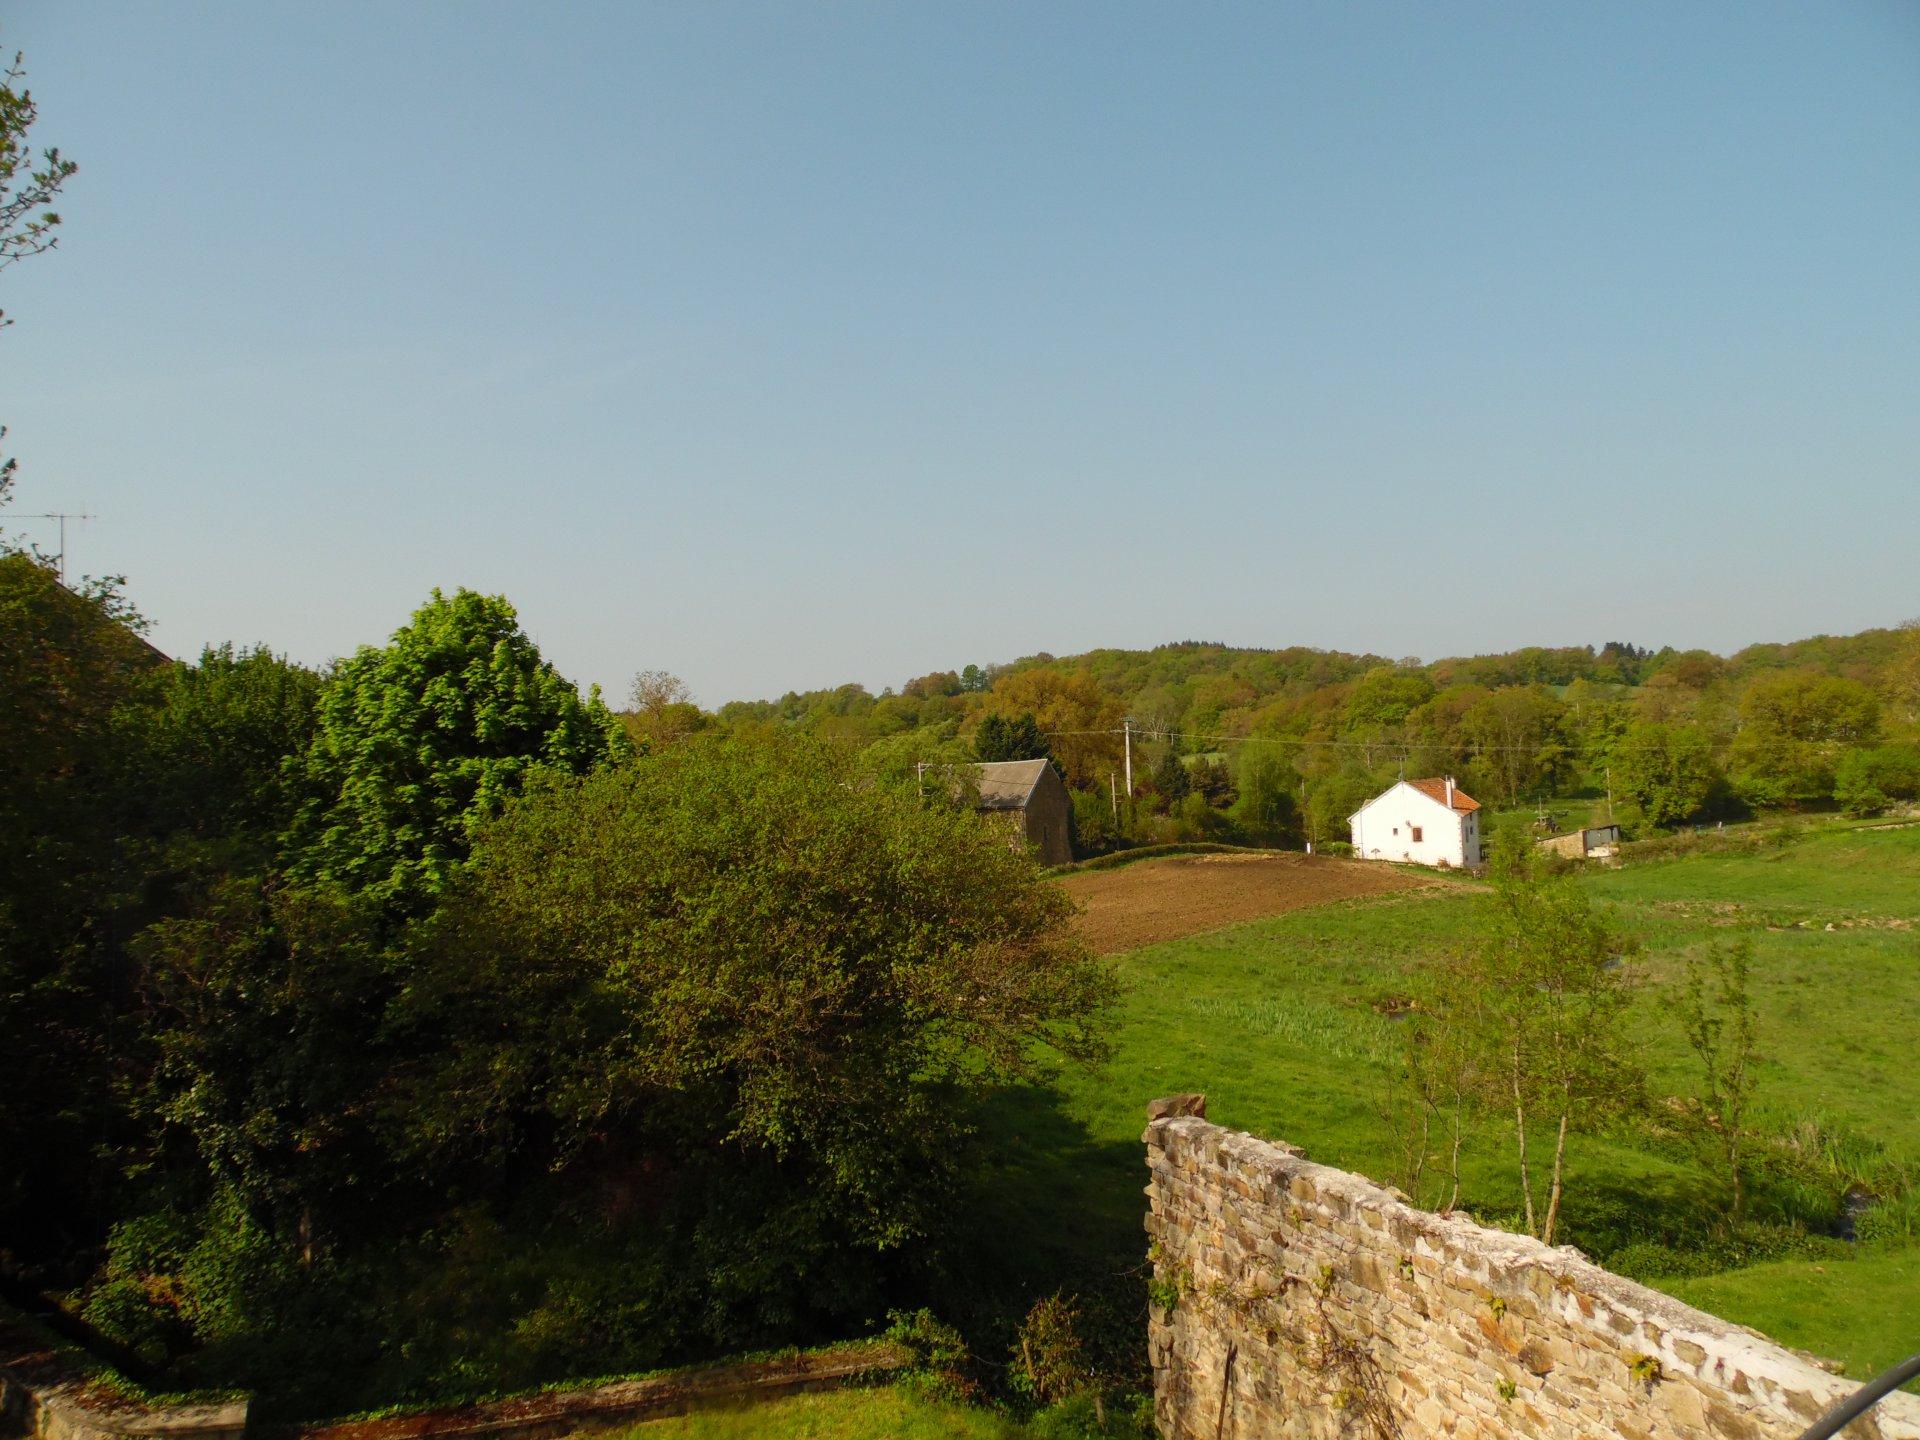 A vendre Maison (ancien moulin à eau) avec terrasse et jardin.